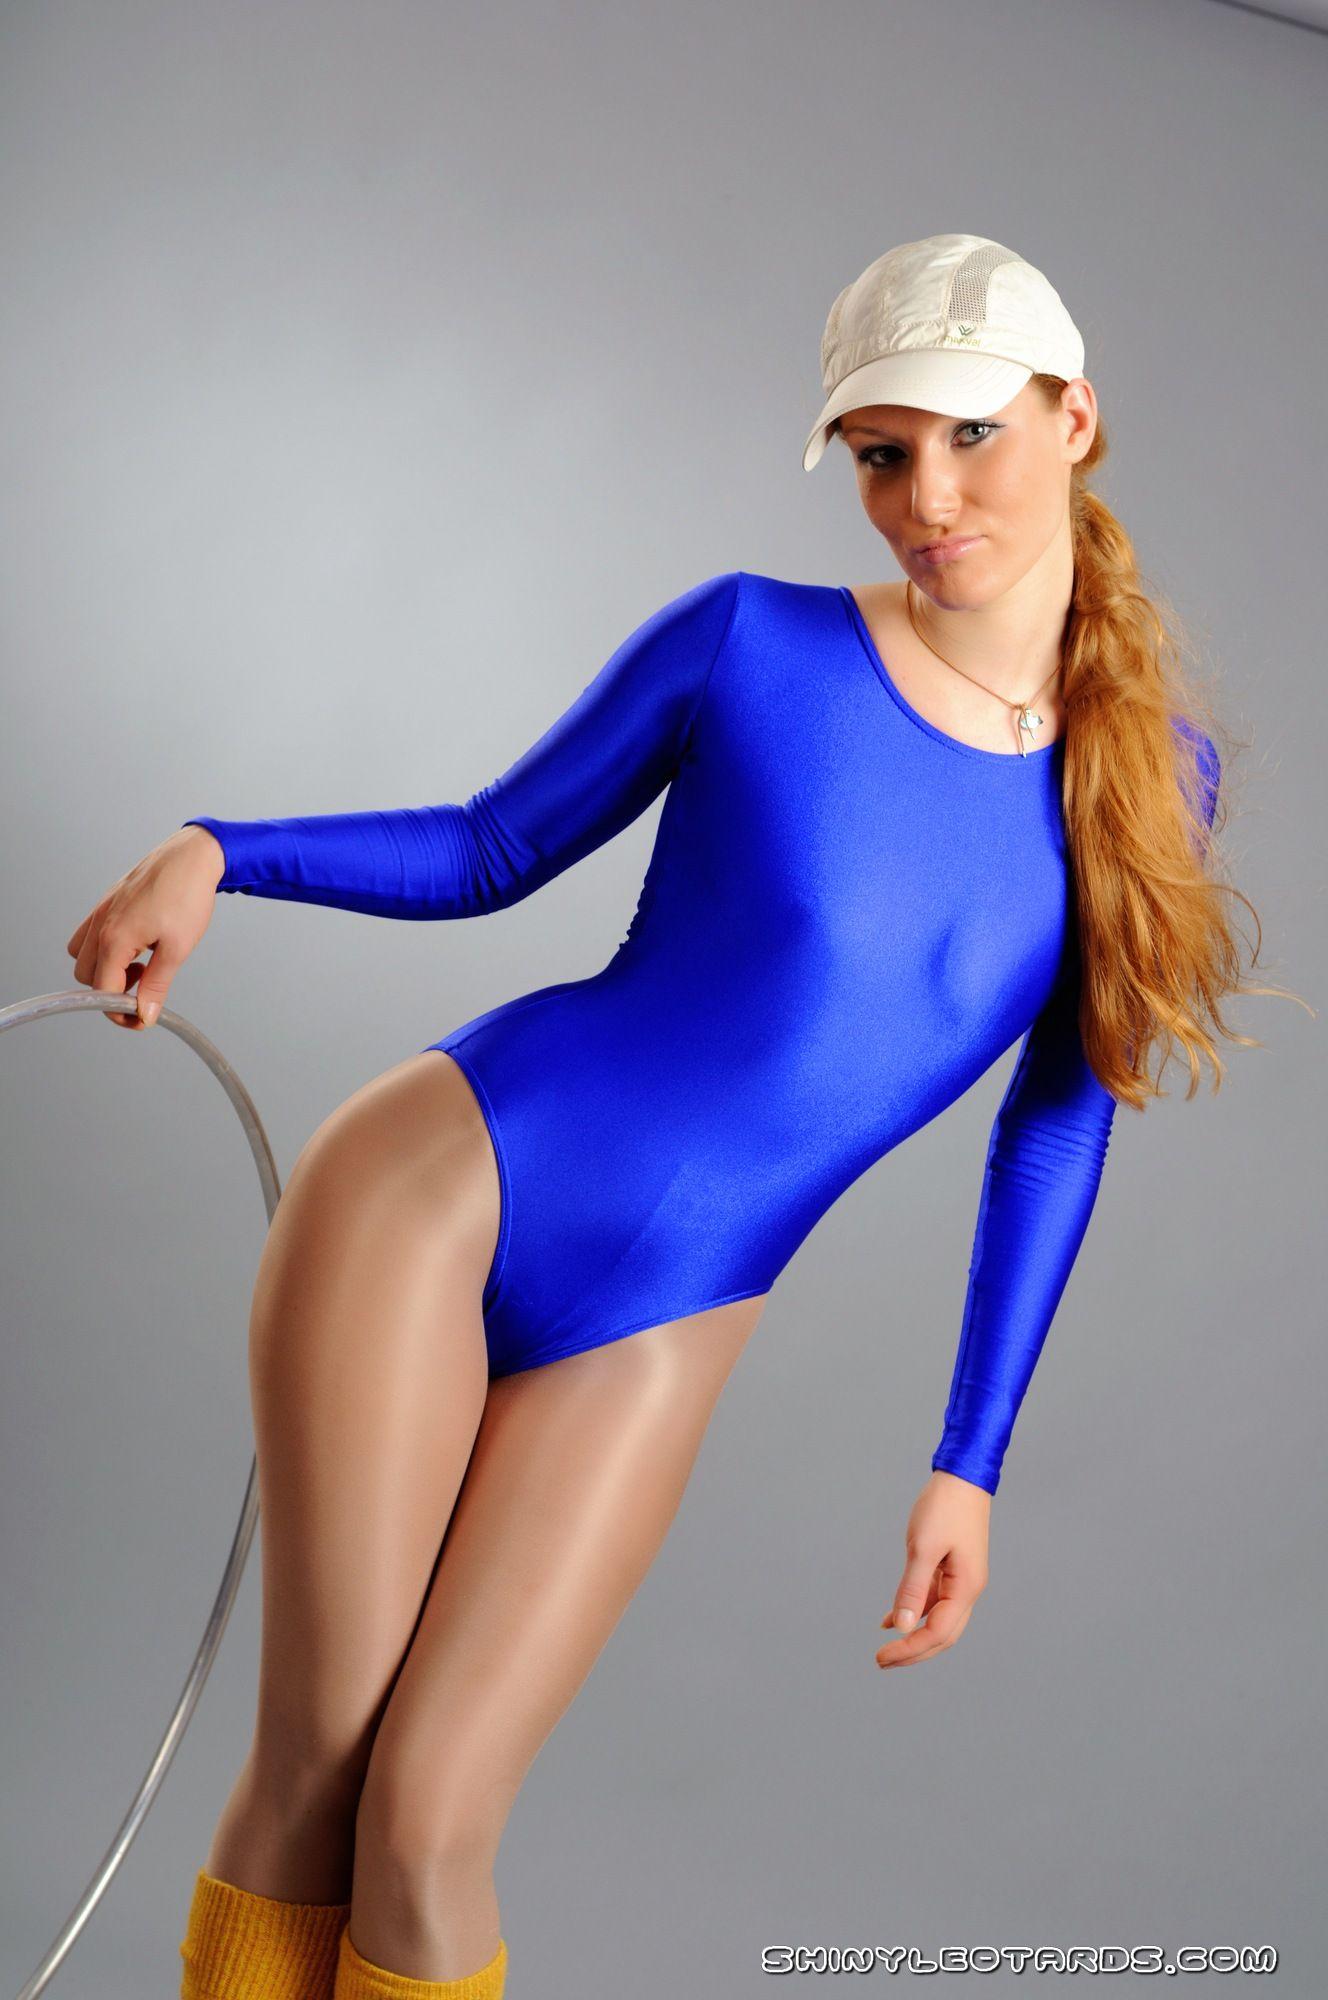 такого девушки в гимнастических купальниках и колготках фото продолжала